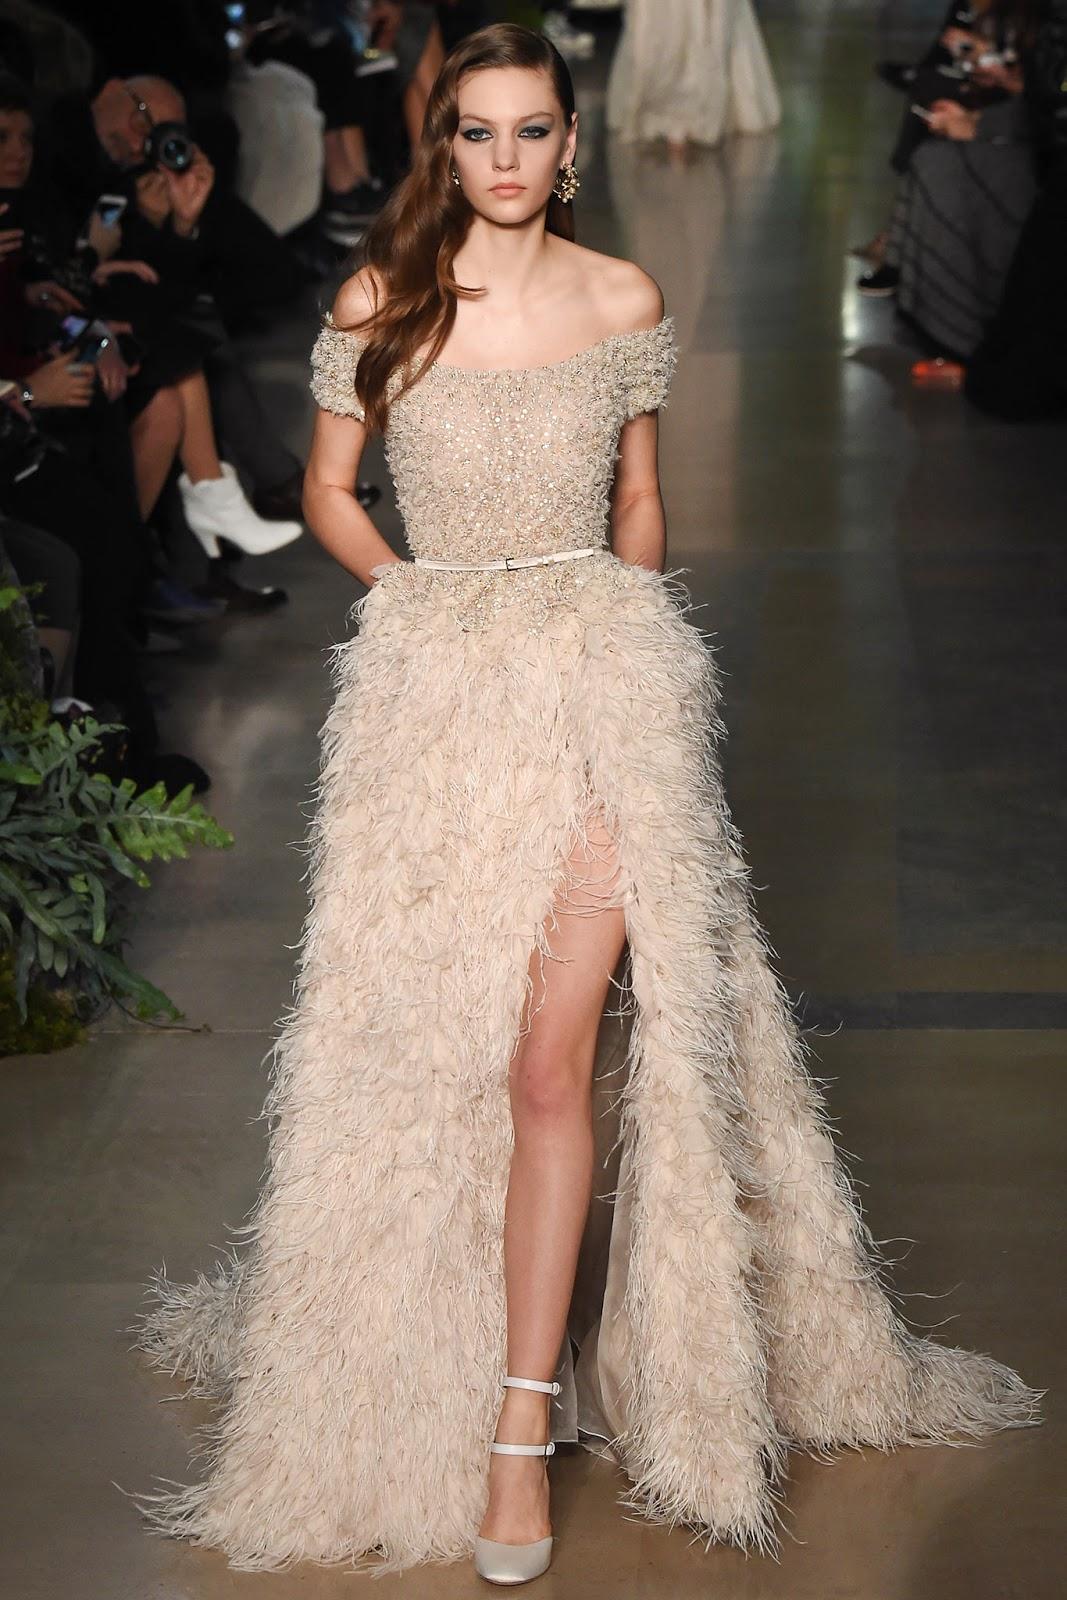 elie saab wedding dress auriga elie saab wedding dress Elie Saab Wedding Dress Auriga 90